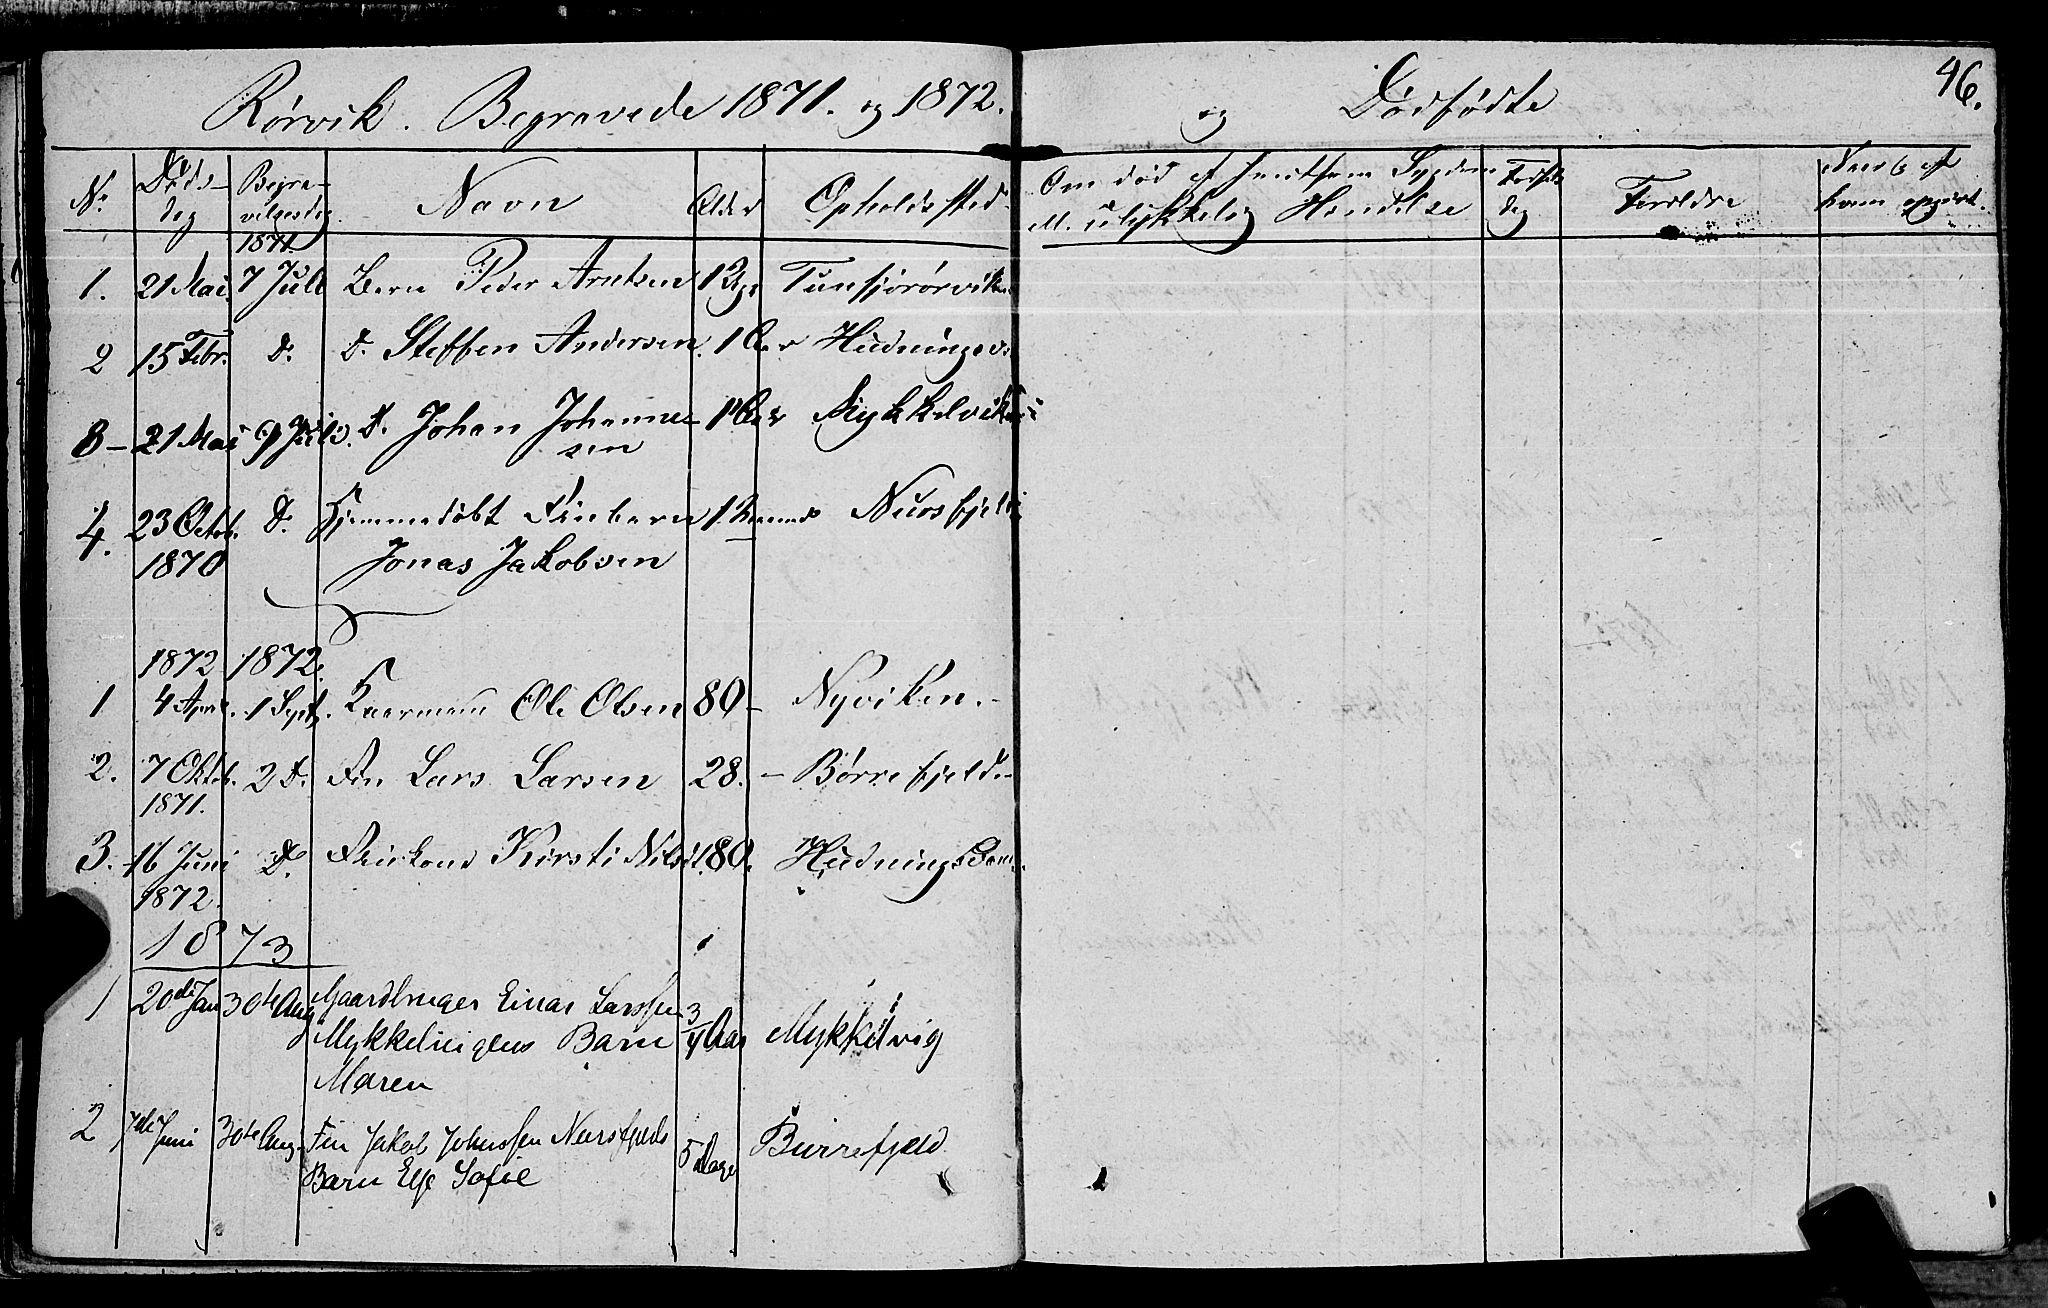 SAT, Ministerialprotokoller, klokkerbøker og fødselsregistre - Nord-Trøndelag, 762/L0538: Ministerialbok nr. 762A02 /1, 1833-1879, s. 46